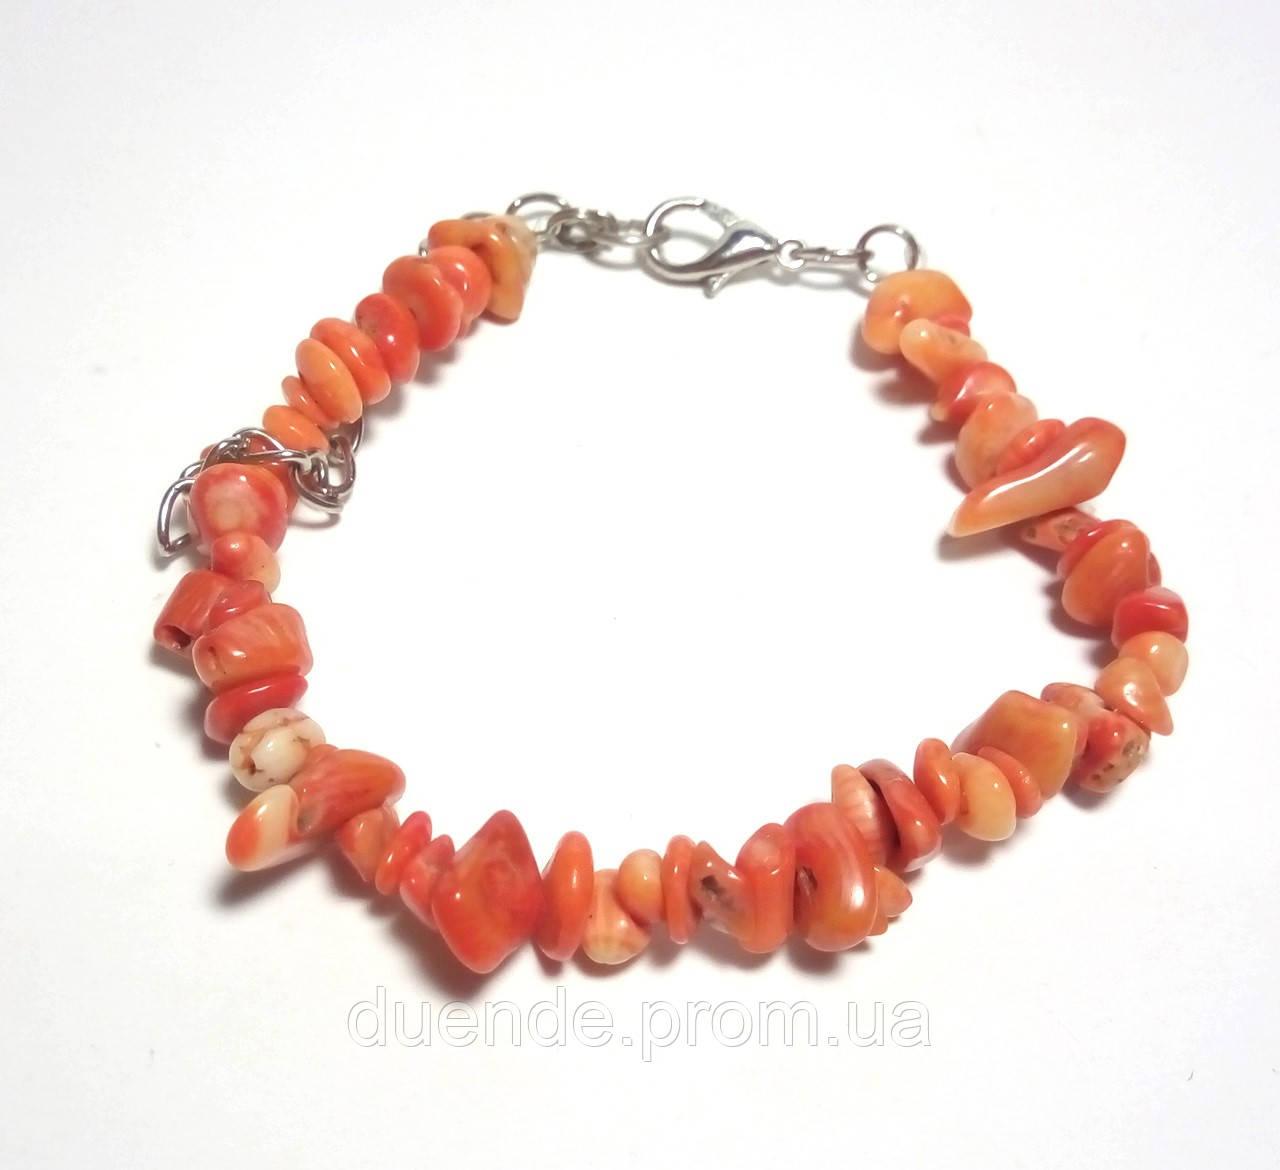 Браслет Коралл крошка, натуральный камень, цвет оранж, тм Satori \ Sb - 0004